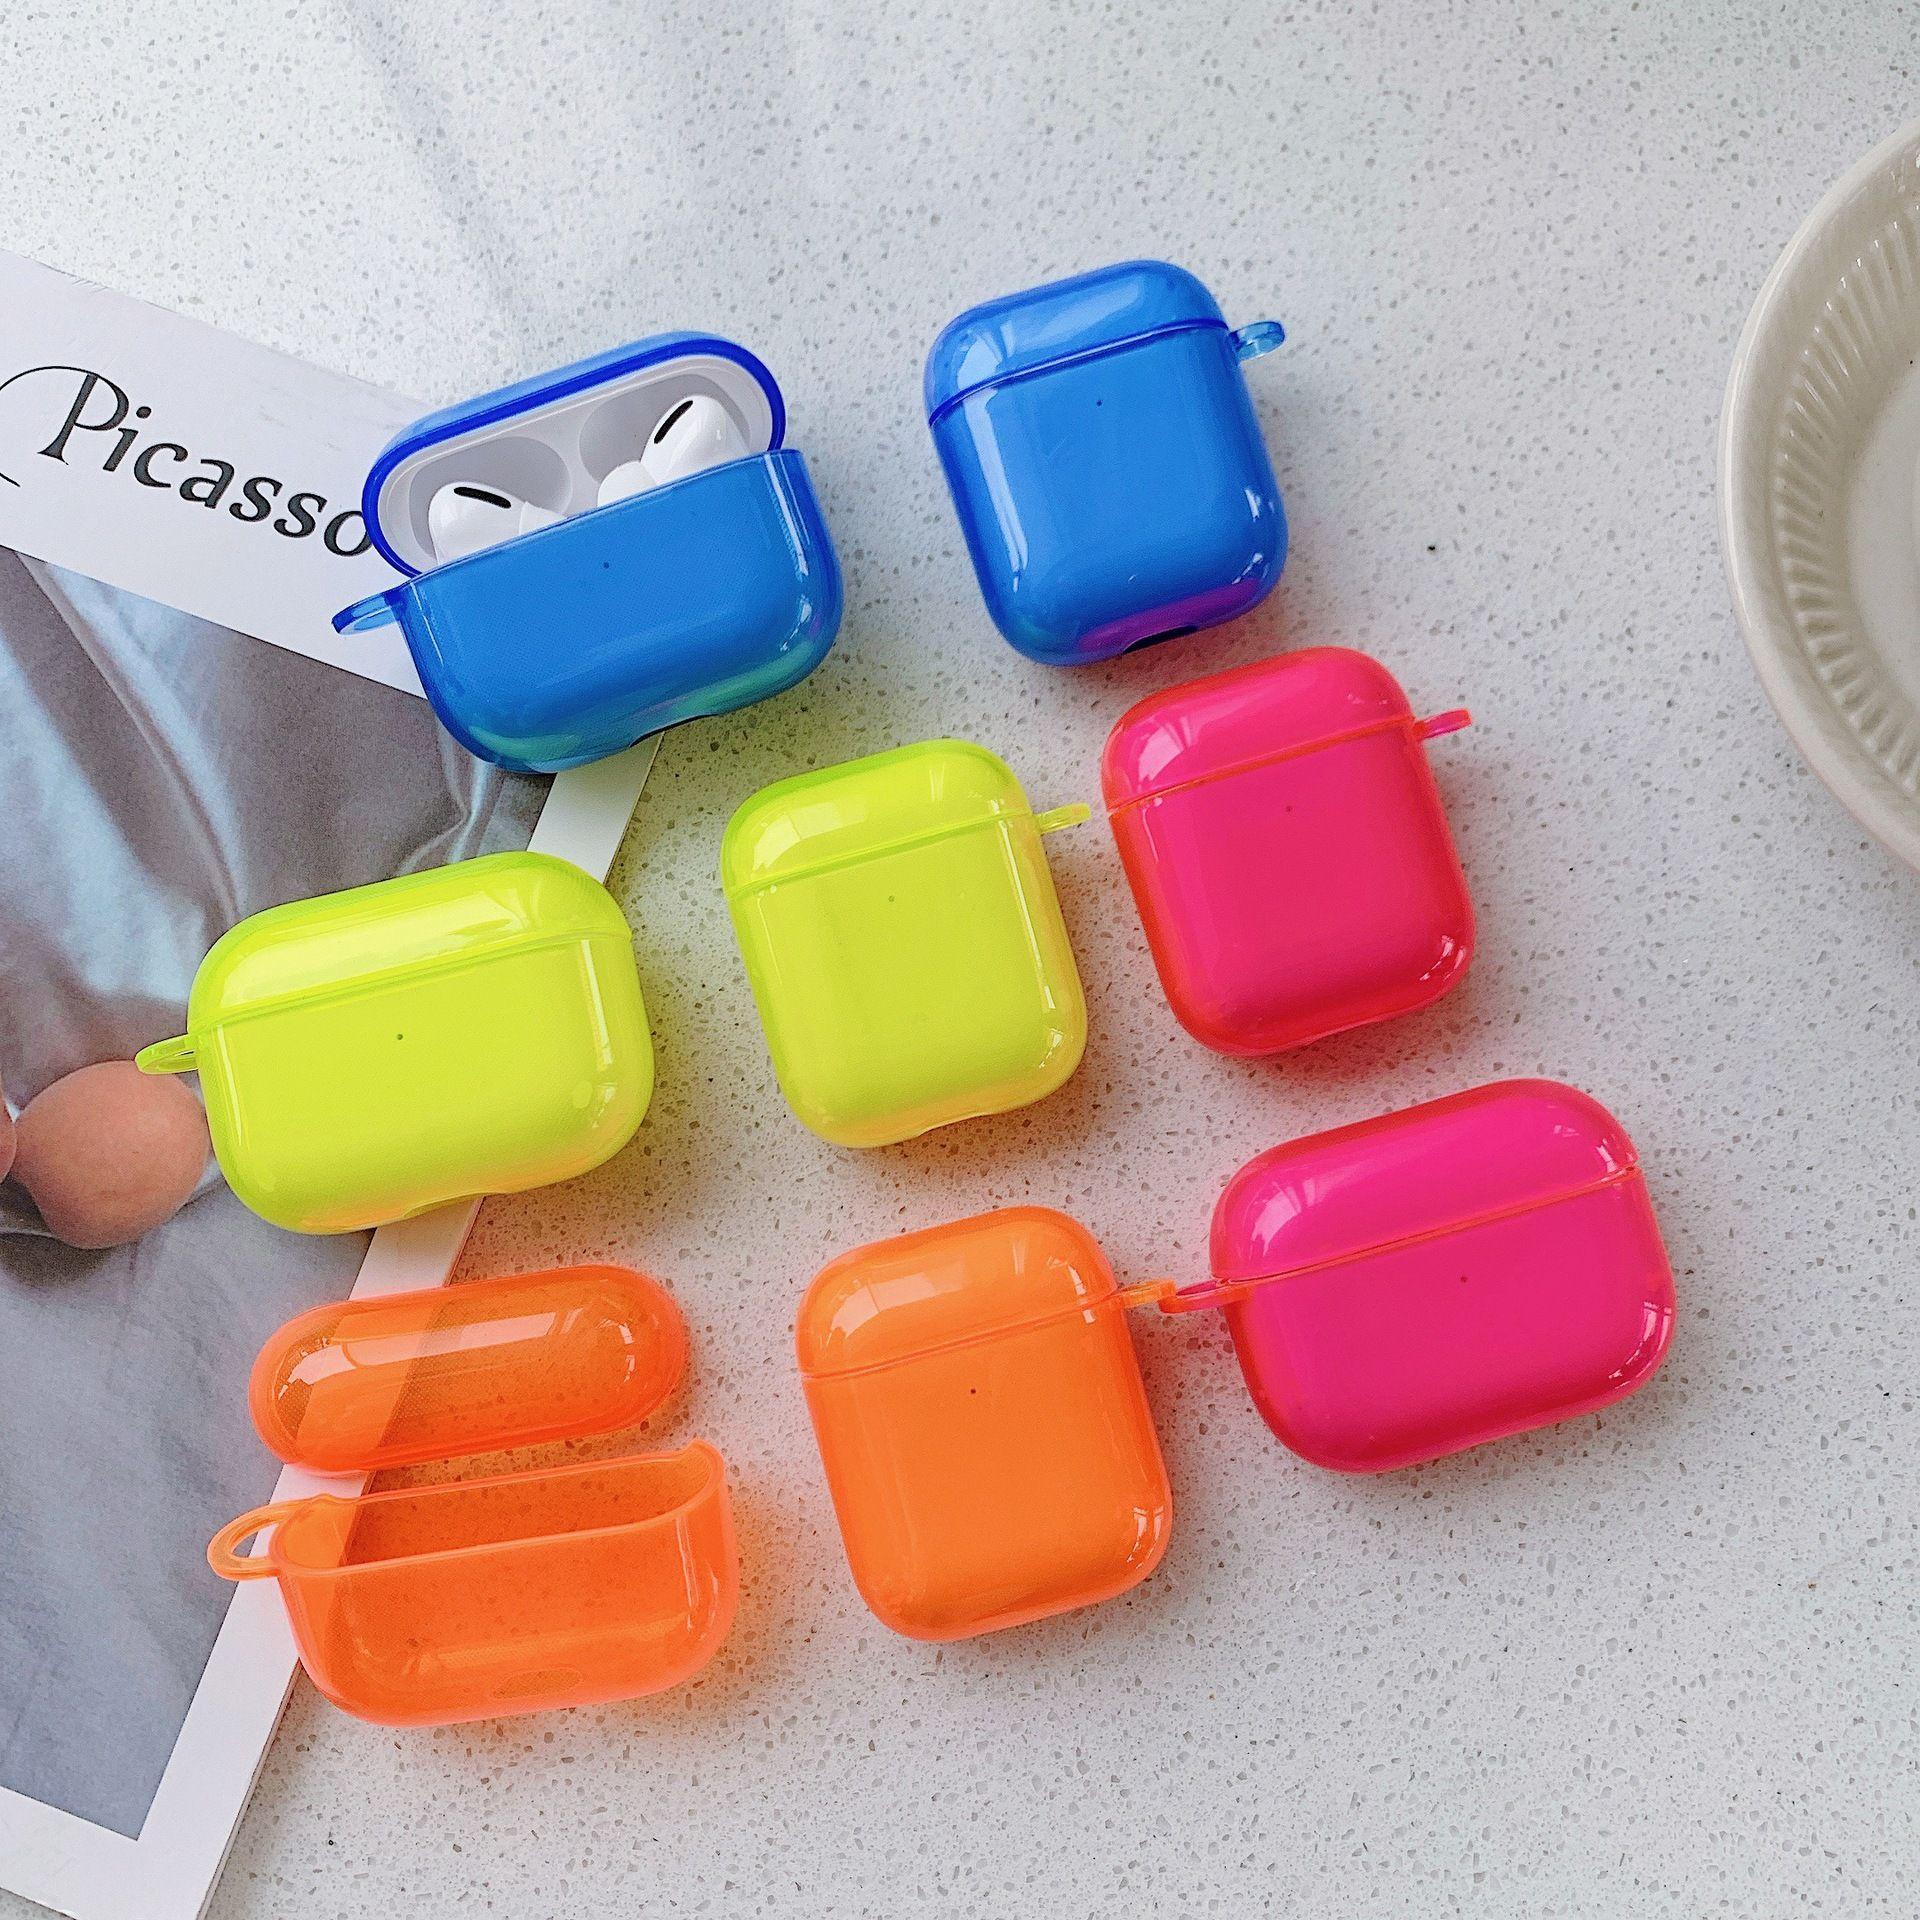 colore fluorescente Per il caso di Apple Airpods colore solido Auricolare Bluetooth della calotta di protezione Per aria Baccelli Pro 2 1 caso per cuffie